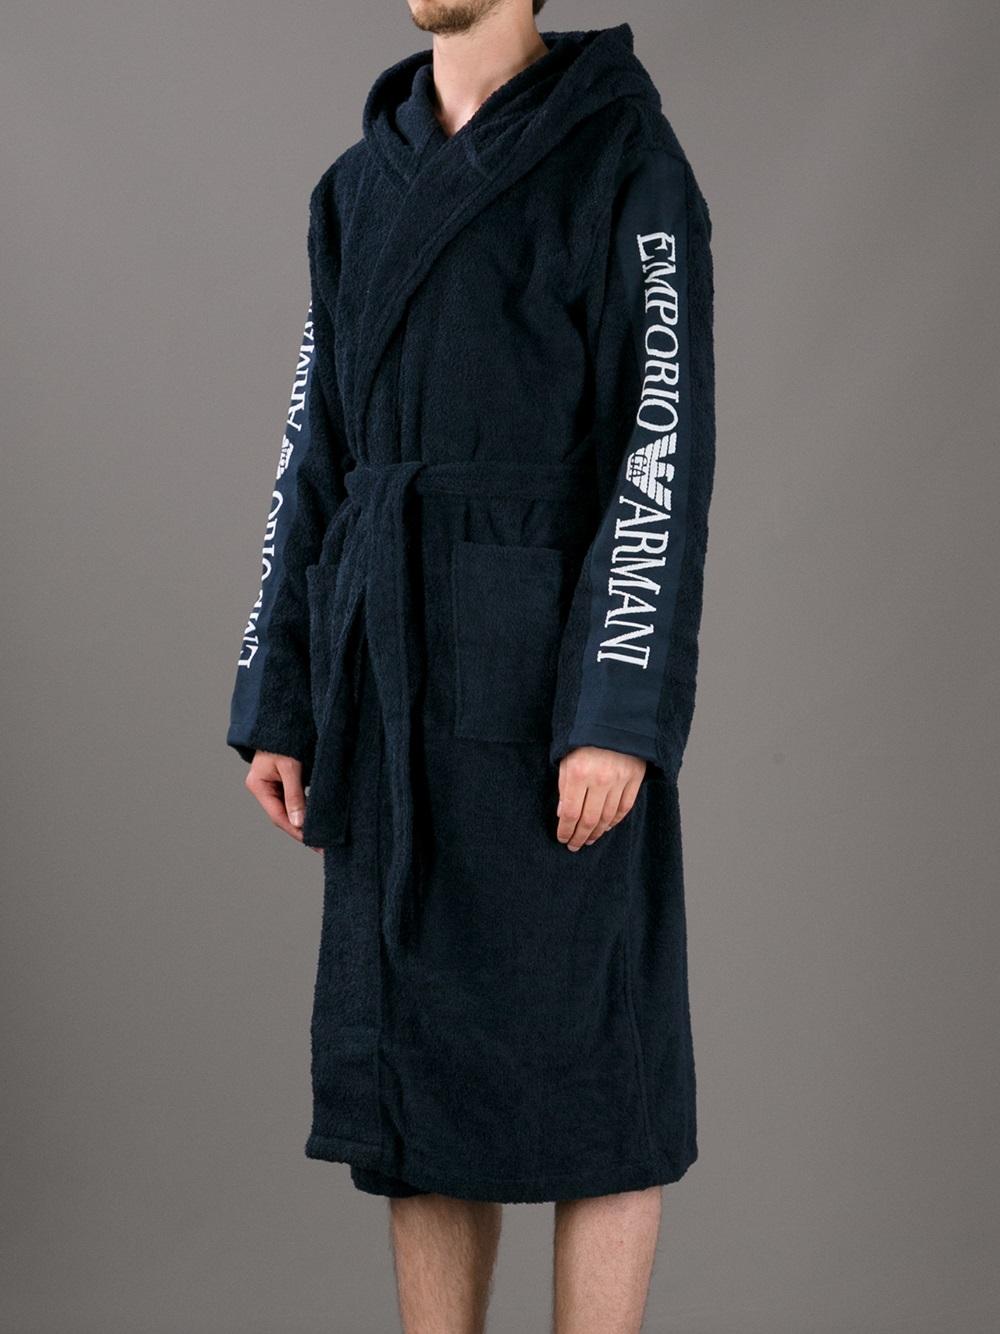 Emporio Armani Logo Robe in Blue for Men - Lyst 5c04f2fe2